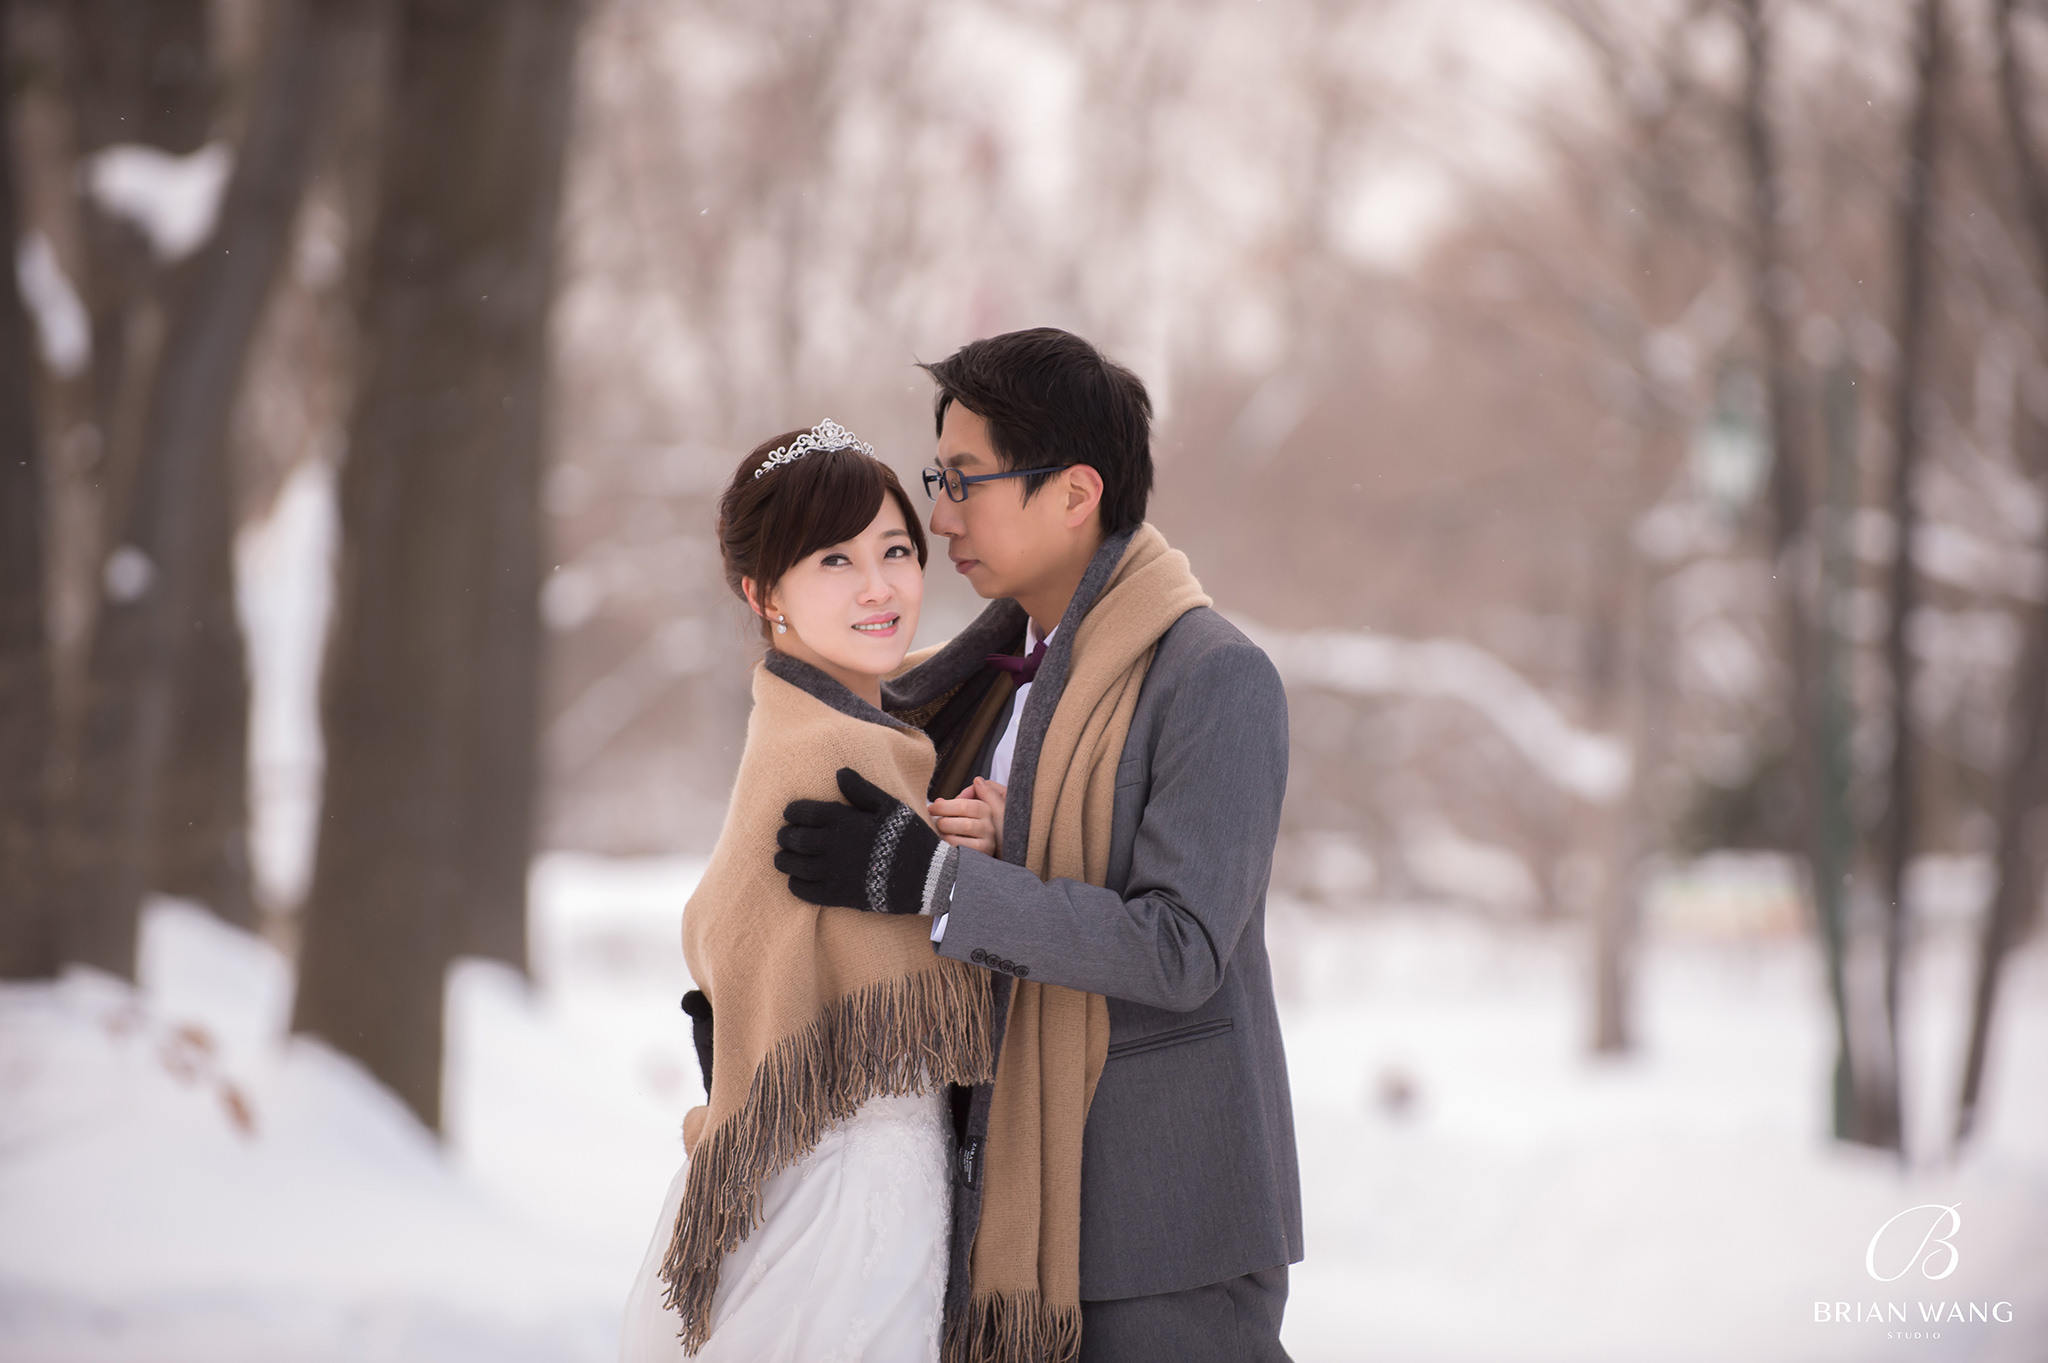 '北海道自助婚紗,北海道婚紗攝影,北海道雪景婚紗,海外婚紗價格,雪景婚紗,拍和服,北海道海外婚紗費用,伏見稻荷,札幌,2048BWS_6511'